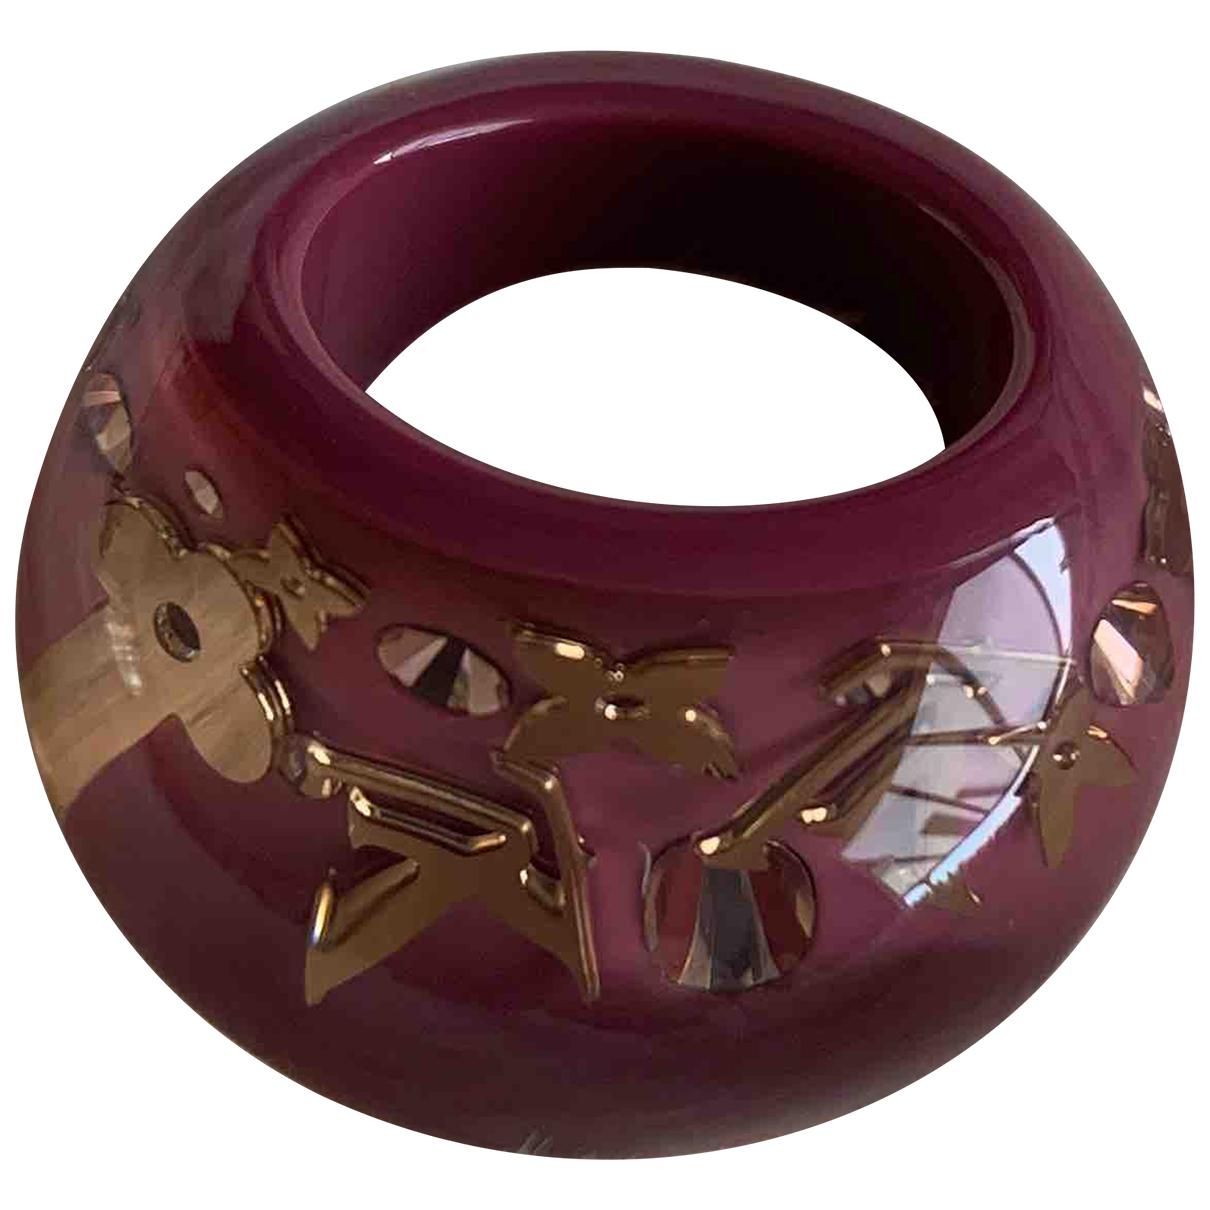 Louis Vuitton - Bague Inclusion pour femme - violet